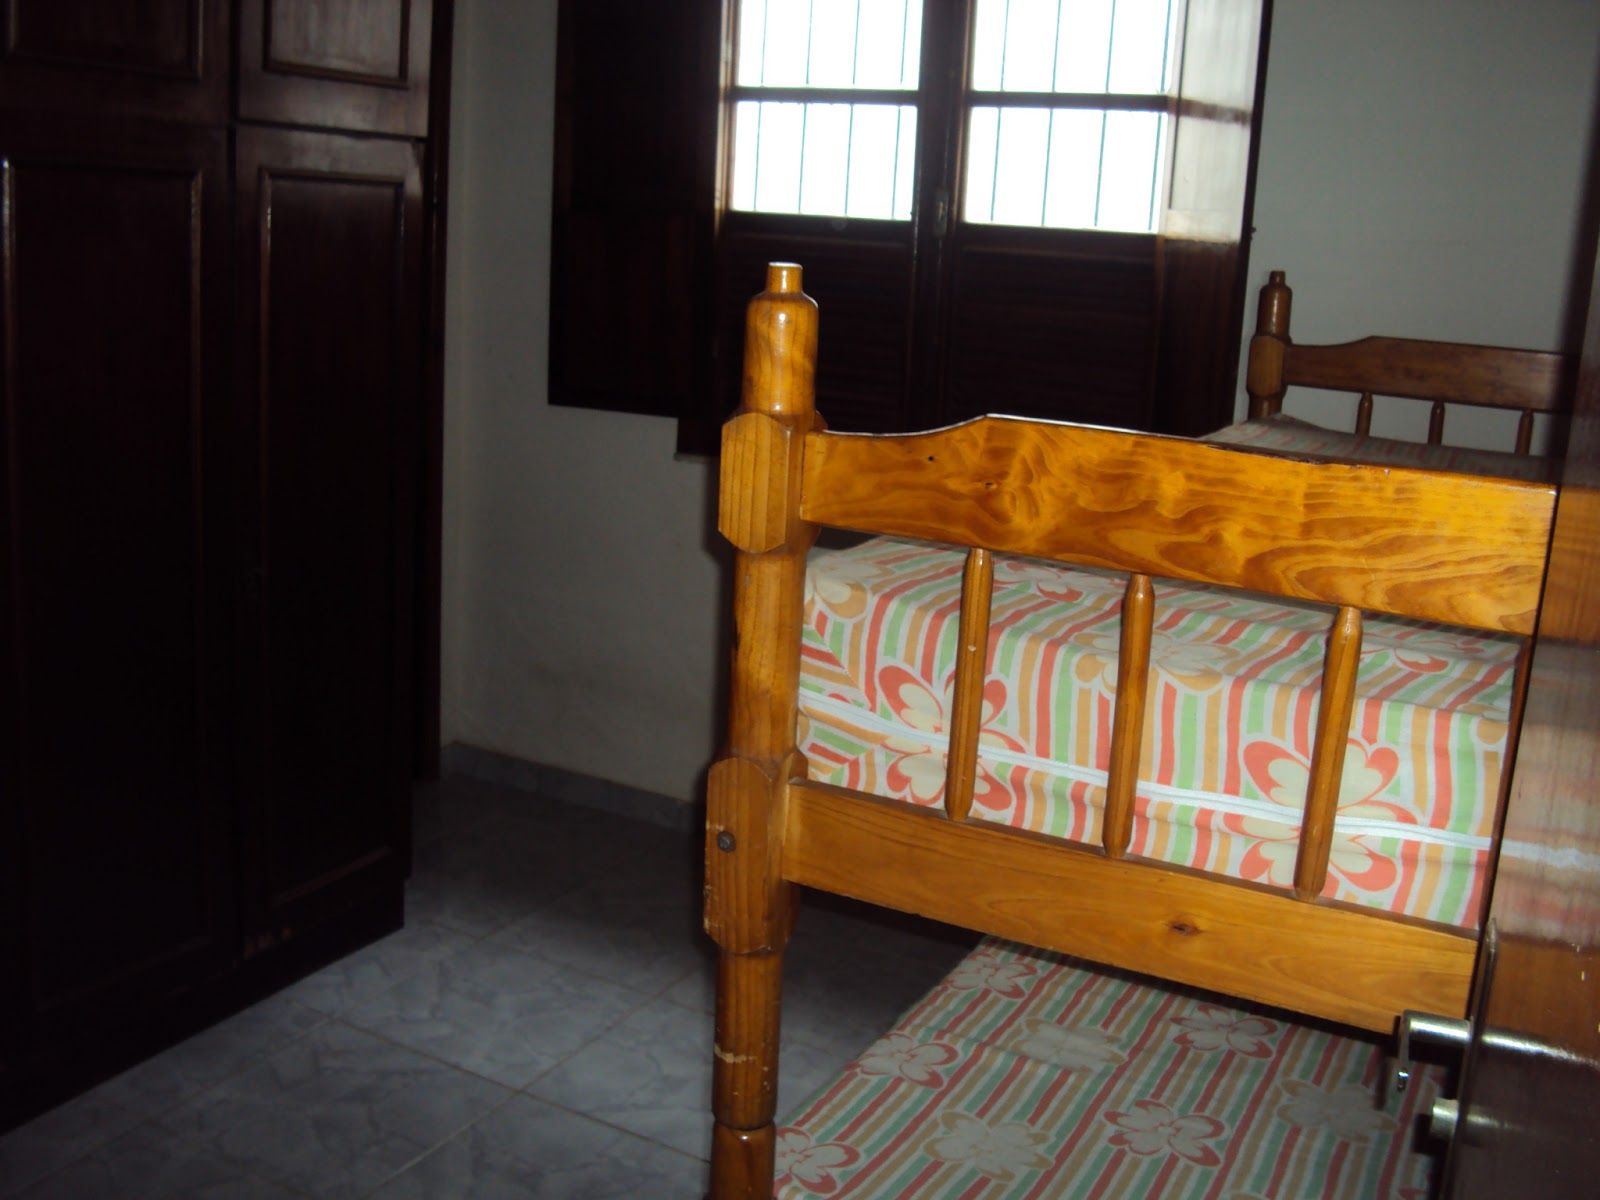 #B77214  : Casa com 3 quartos sendo um suite no melhor local de Areal REF 06 1600x1200 px Casas Bahia Armario De Cozinha 200 Reais #1615 imagens